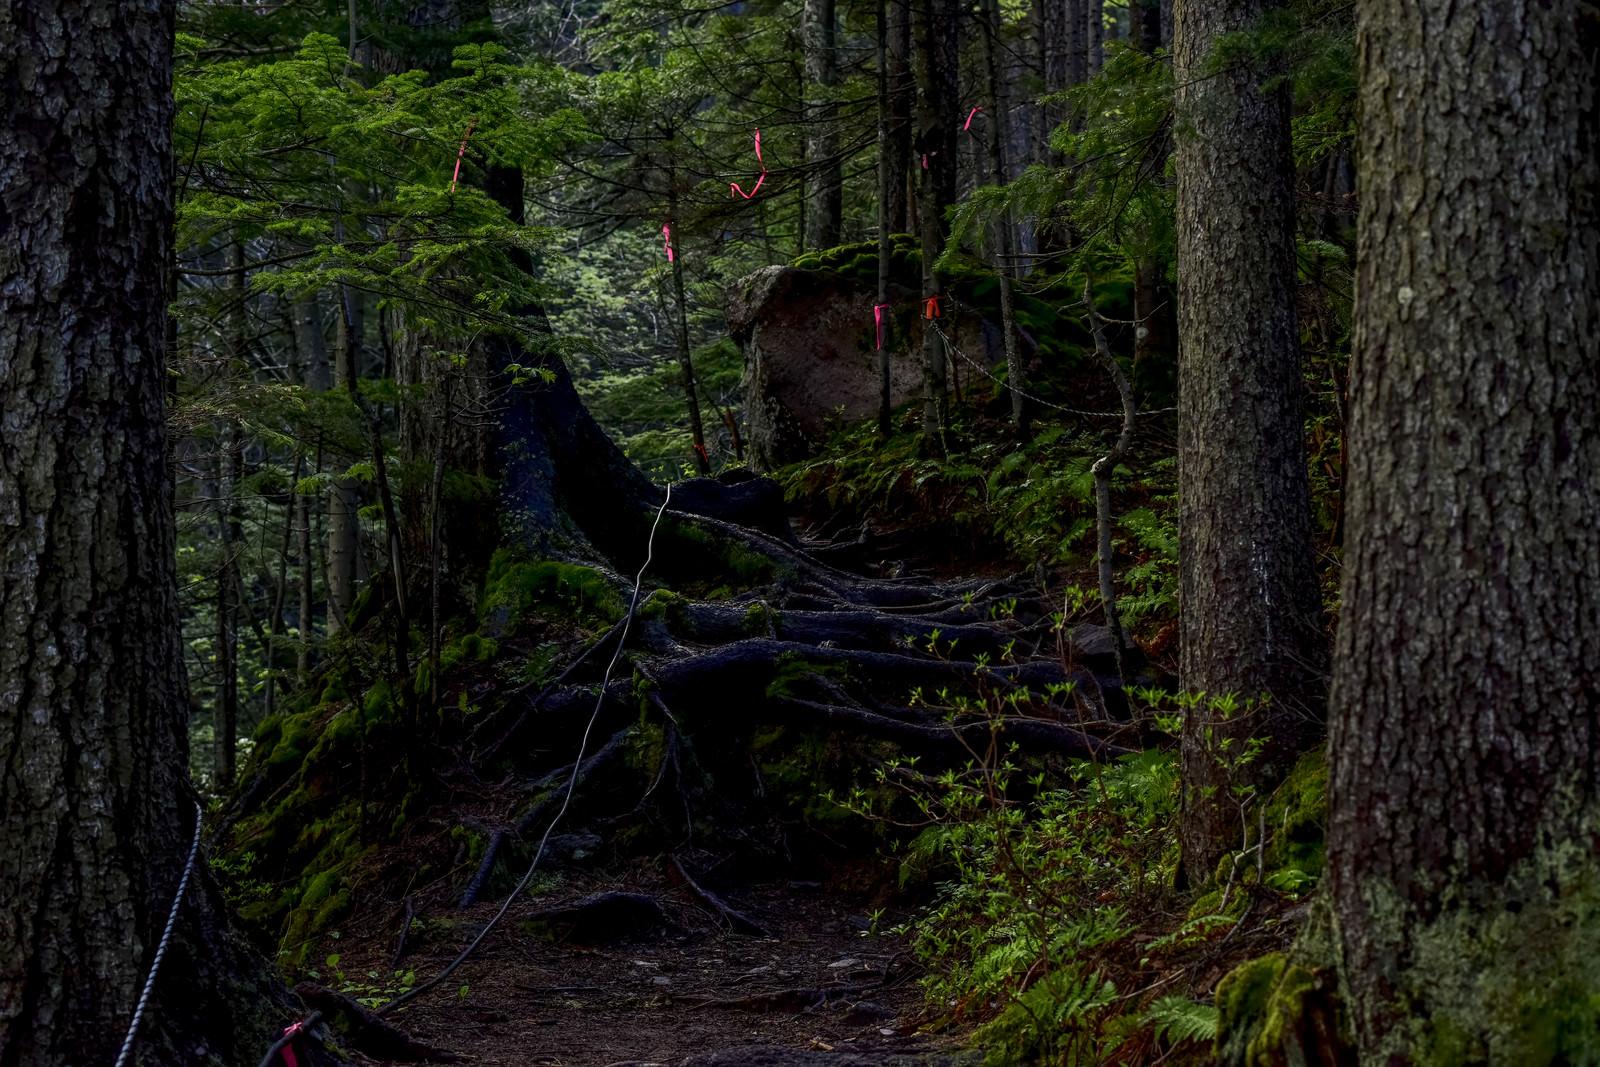 「赤いテープが張り巡らされた雌阿寒岳登山道」の写真